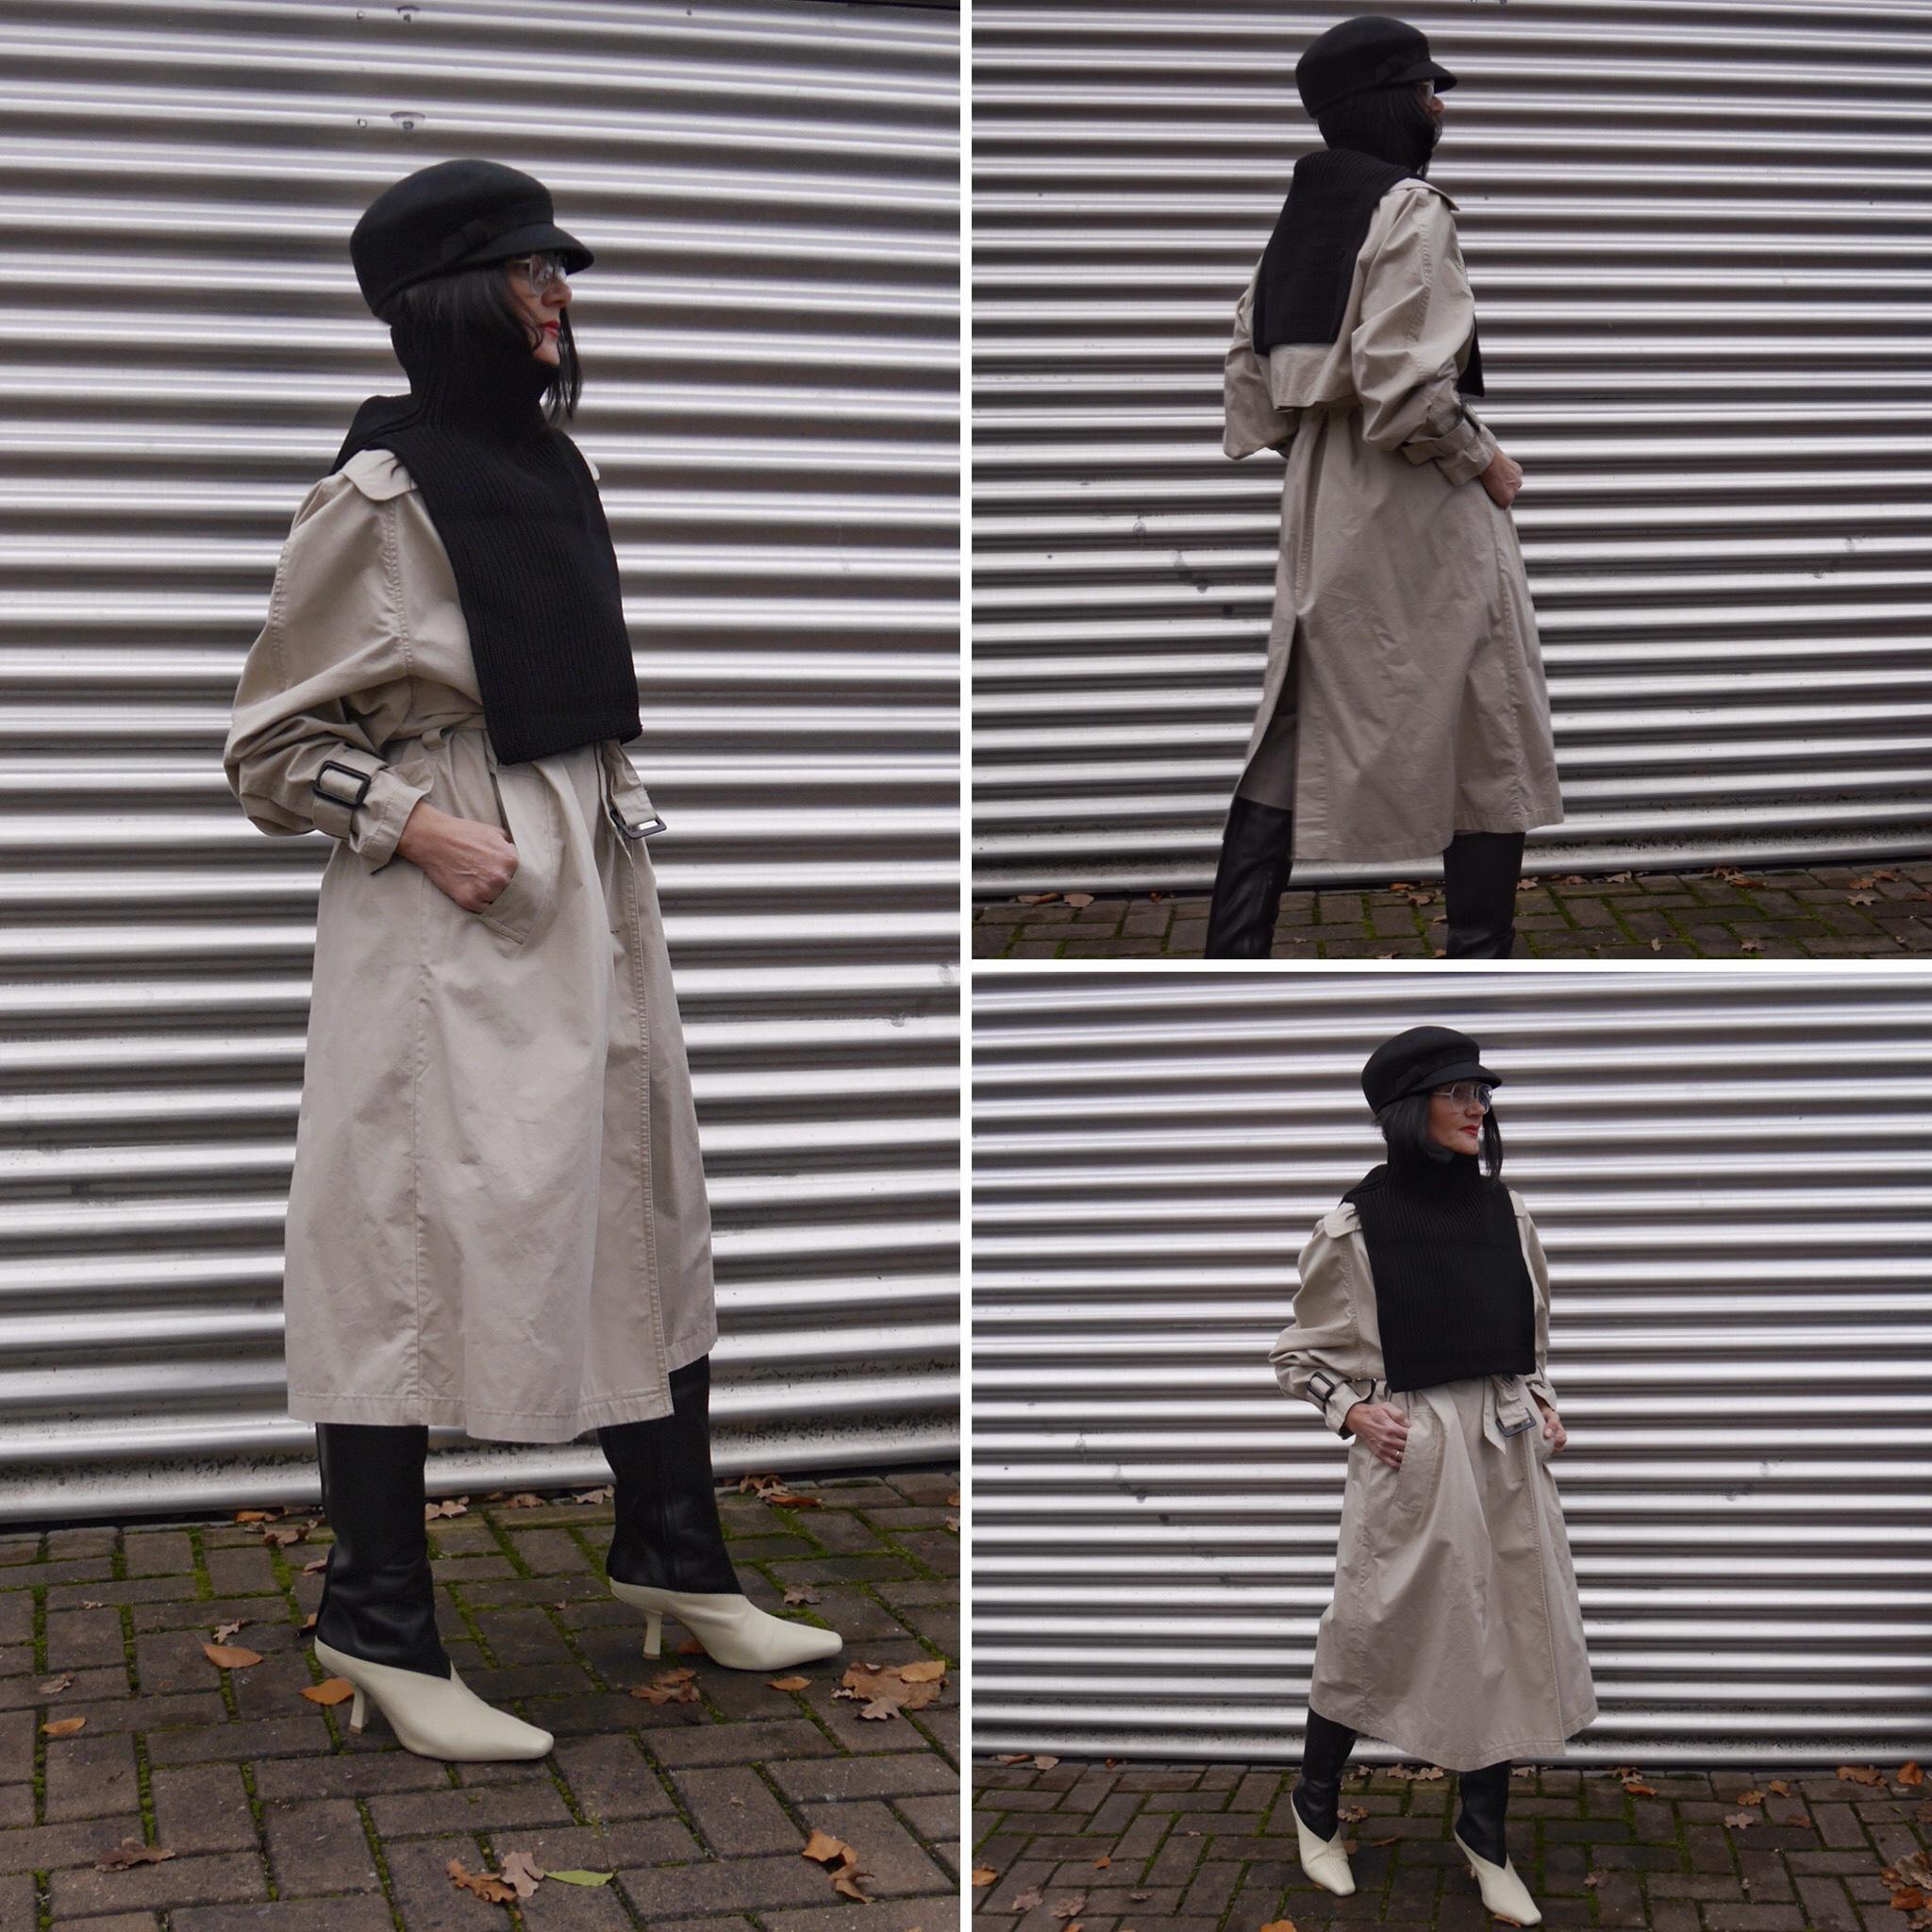 schwarzer Pullunder, Hut, H&M-Studio Collection Stiefel